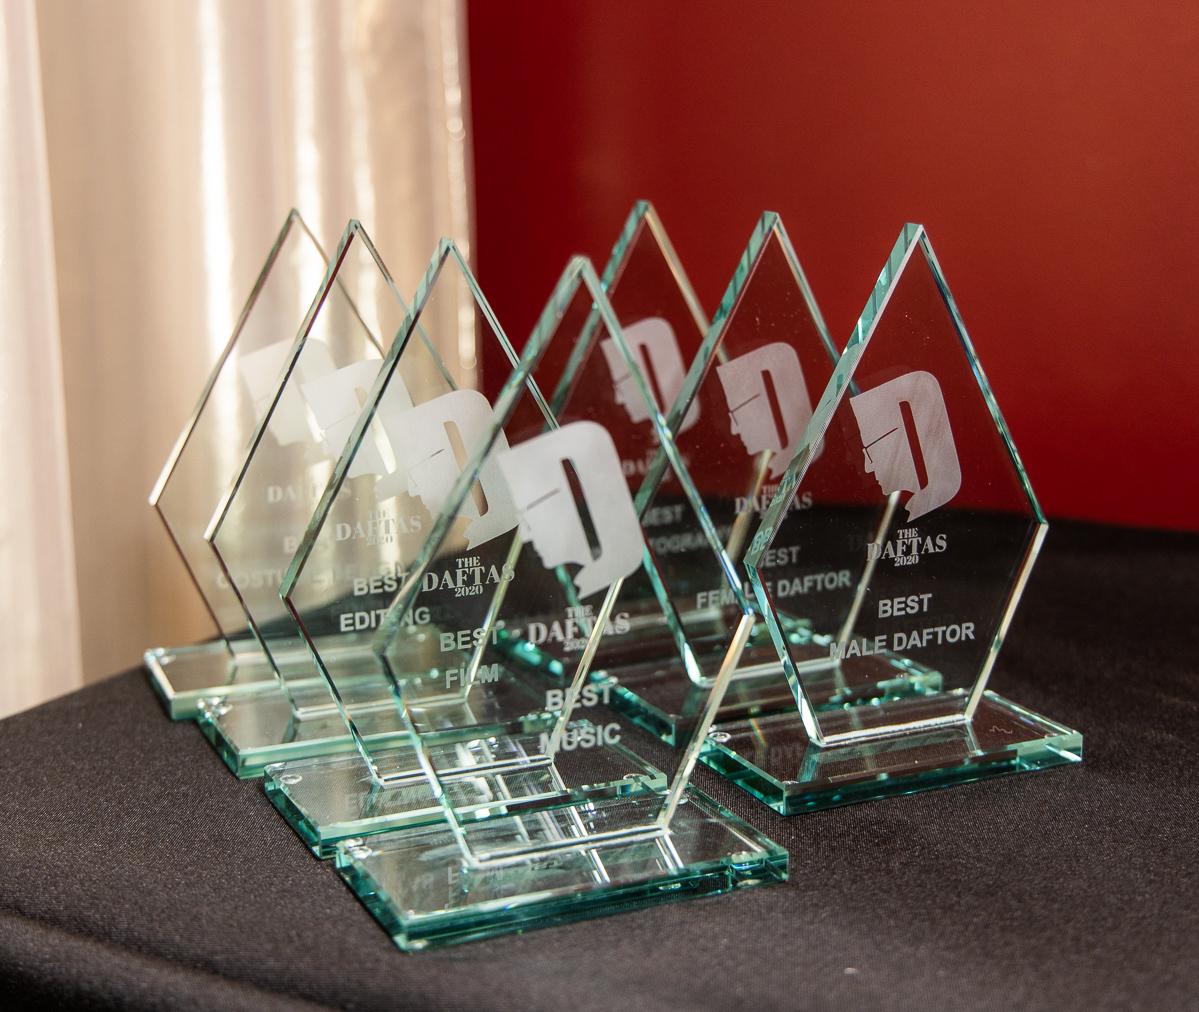 The DAFTAS 2020 trophies